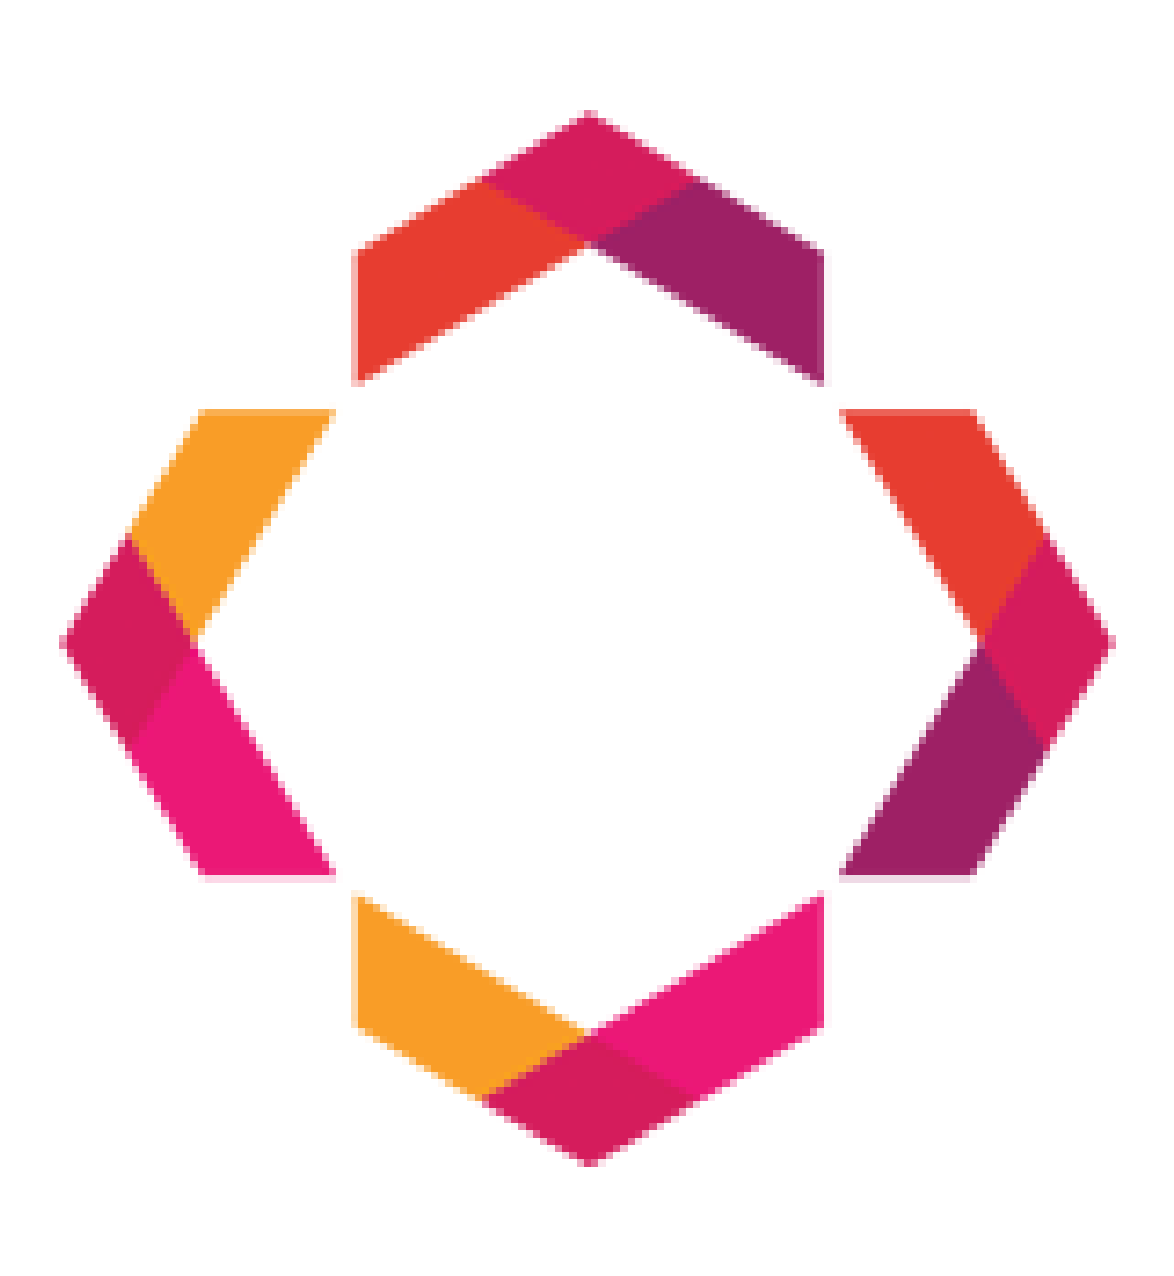 STFX IEC logo